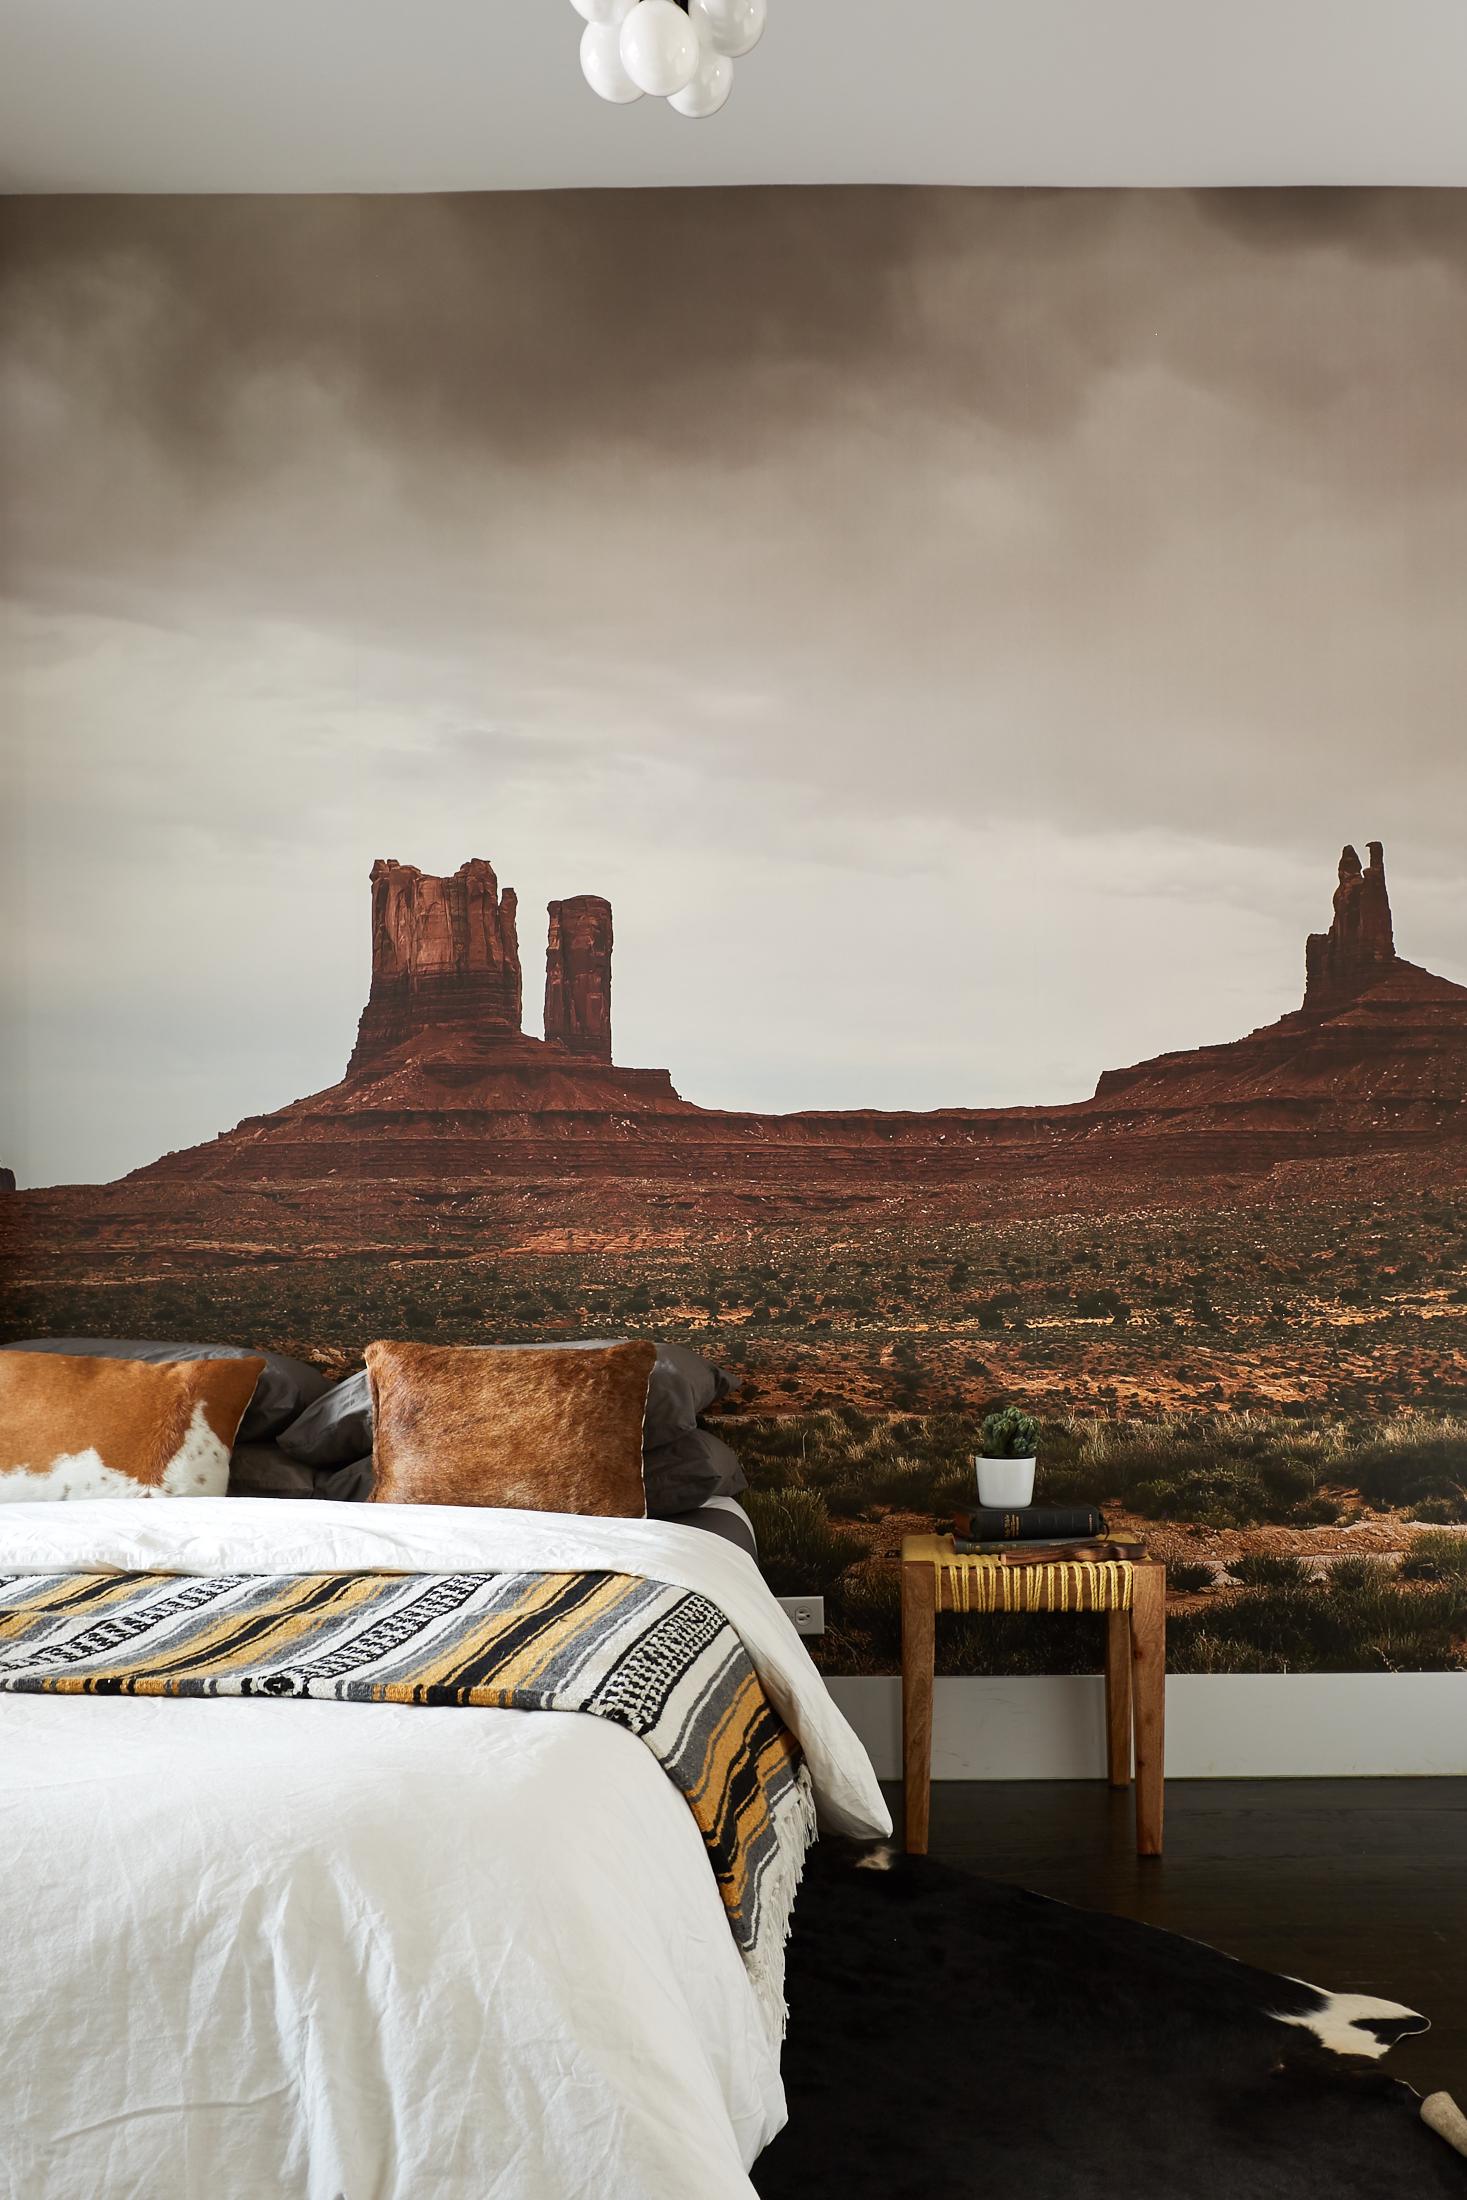 El_Motel_Bedroom_738_cropped.jpg